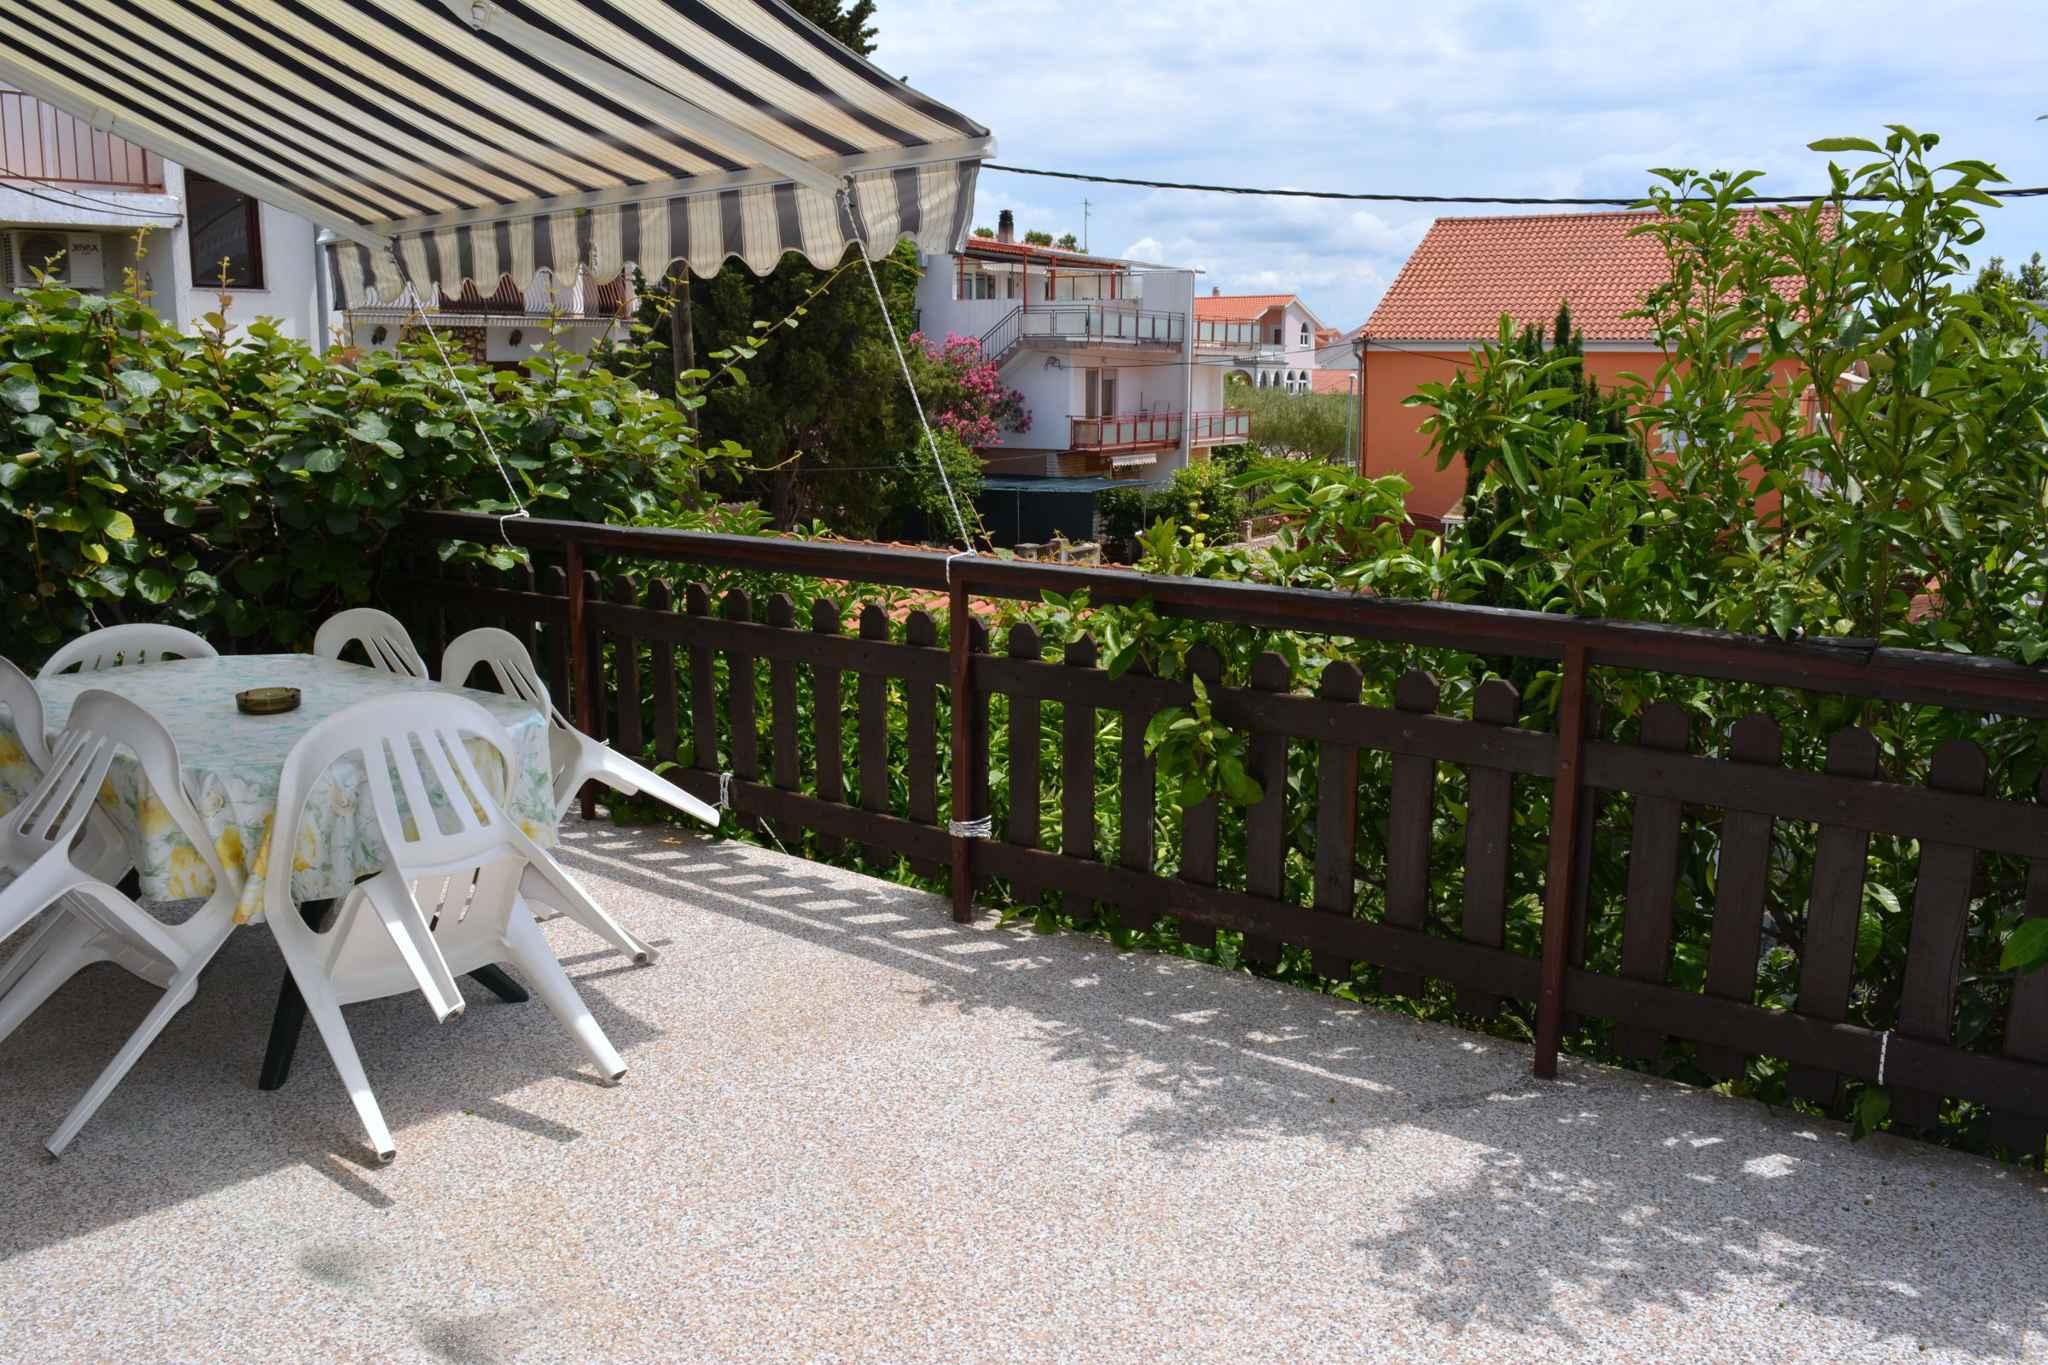 Ferienwohnung mit Balkon und nur 200 m bis zum Strand (278777), Vodice, , Dalmatien, Kroatien, Bild 6